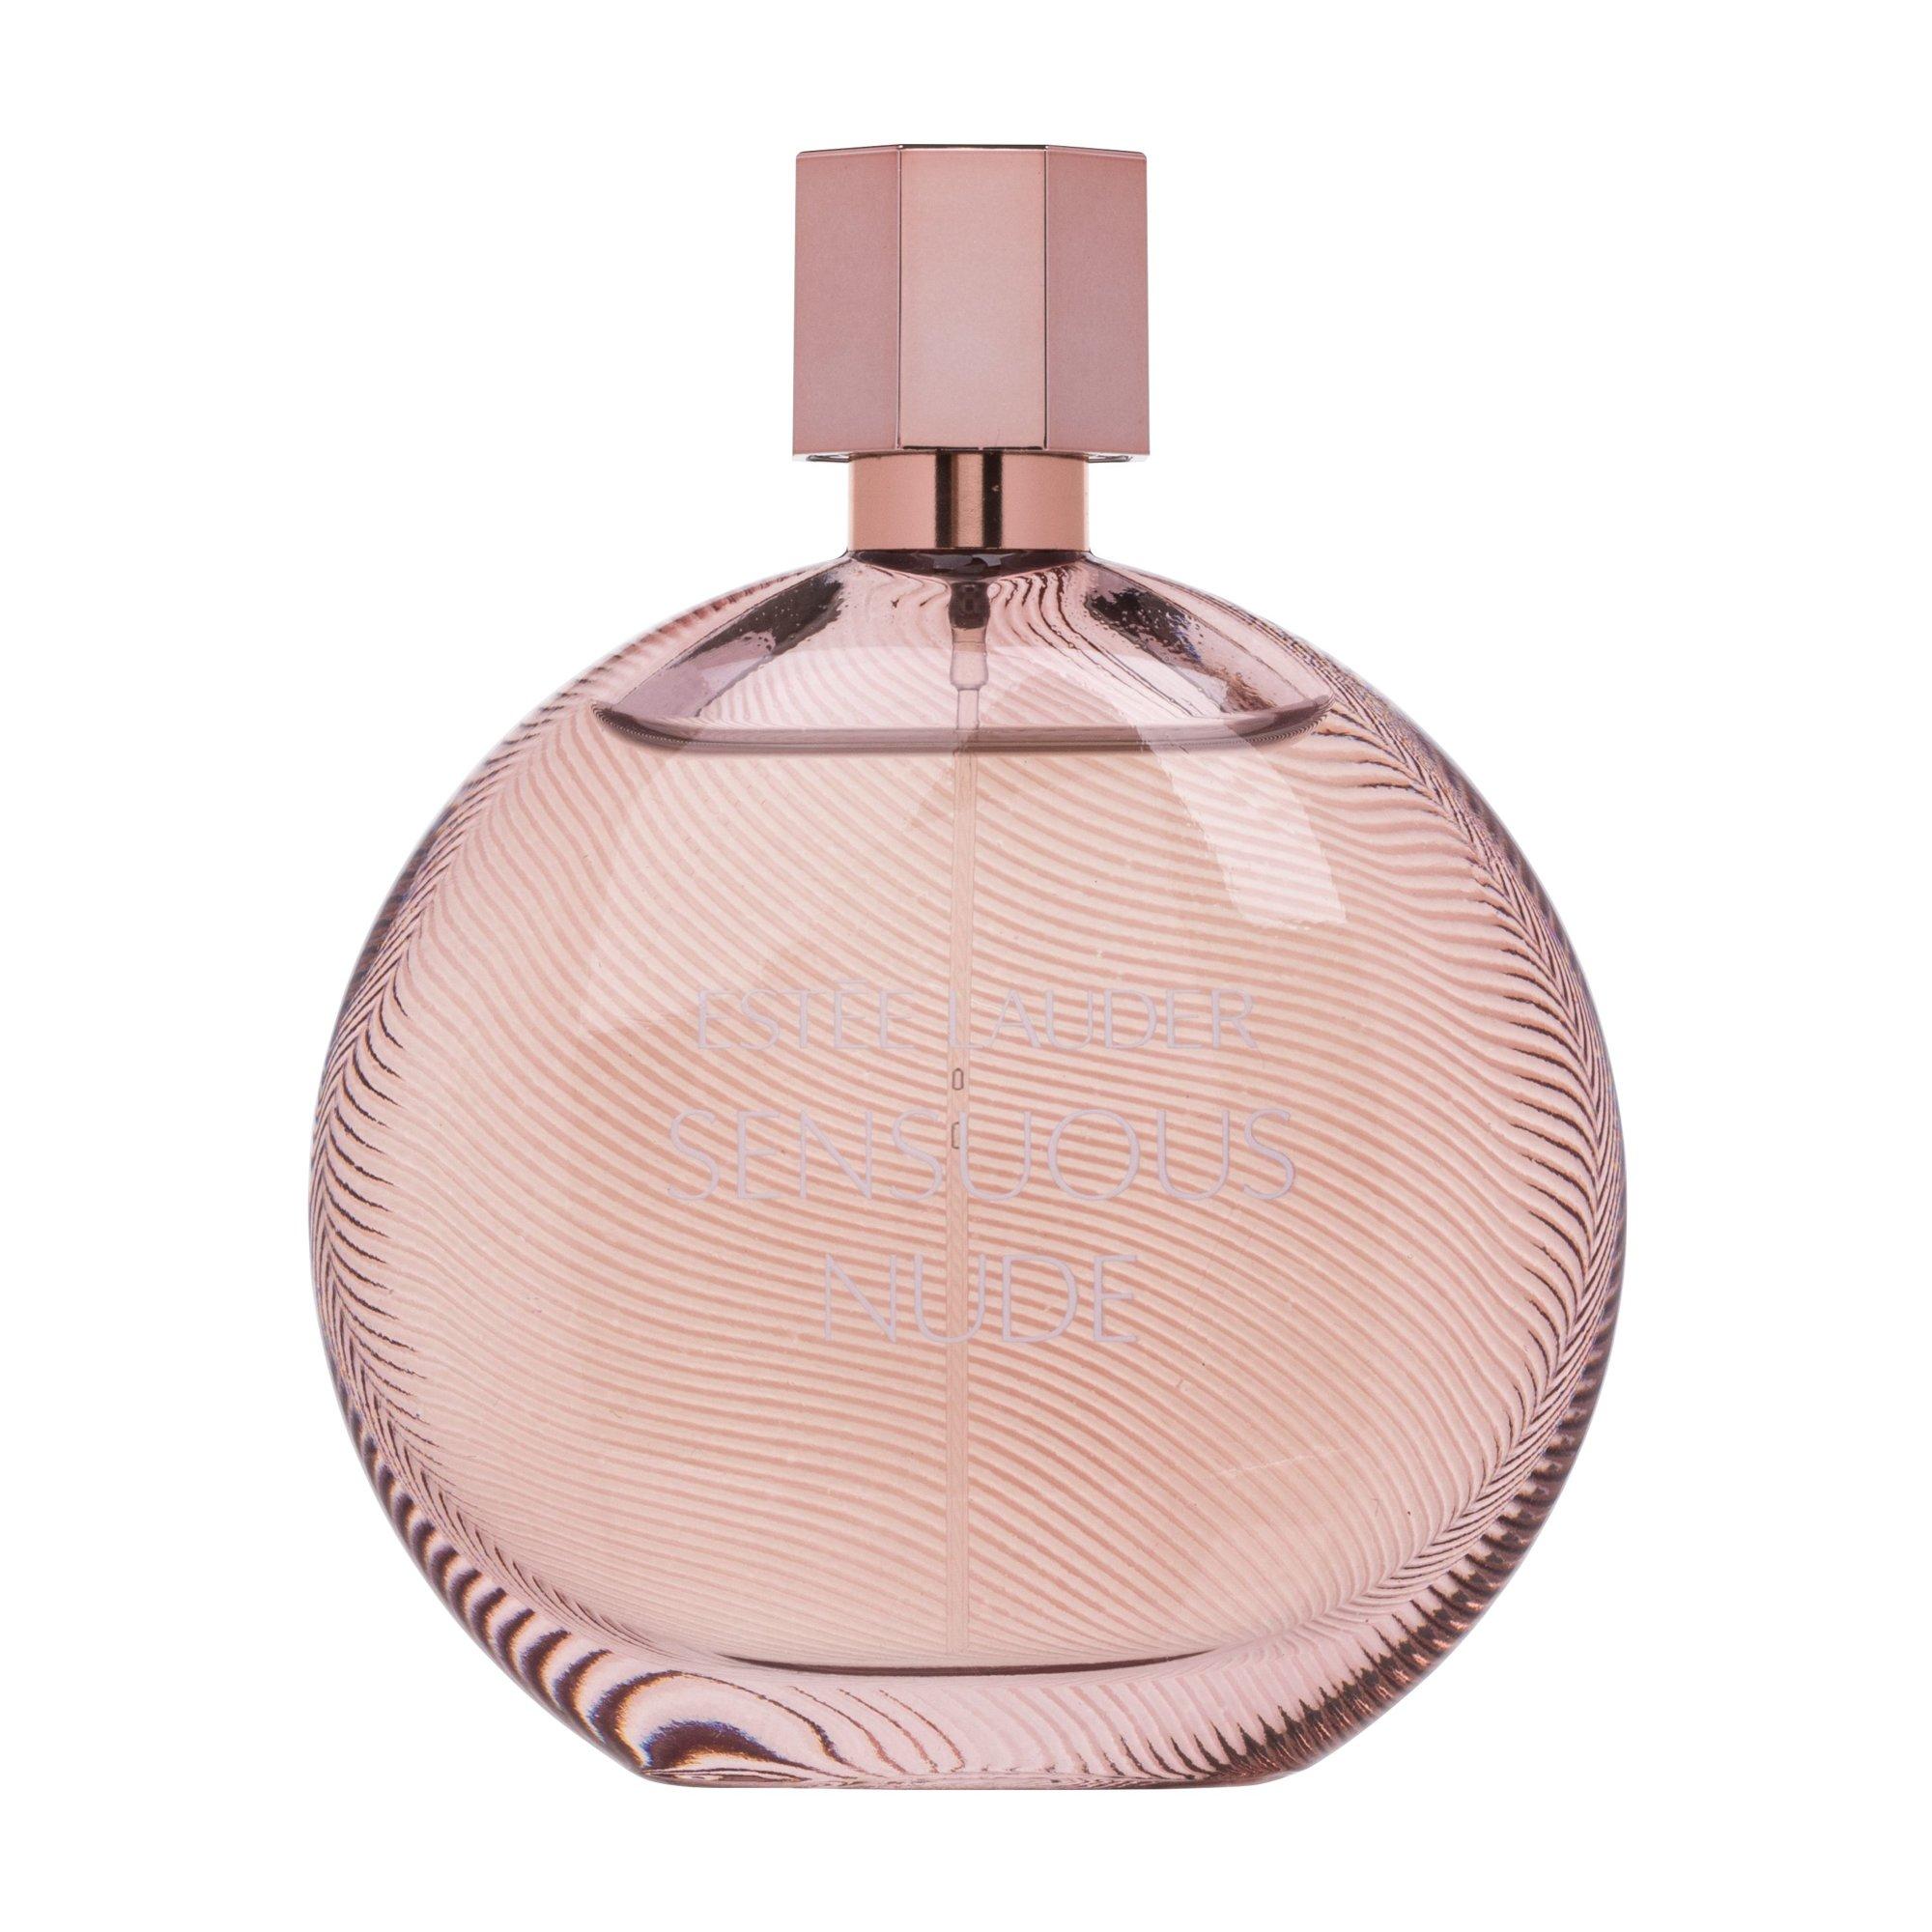 Estée Lauder Sensuous Nude Eau de Parfum 100ml